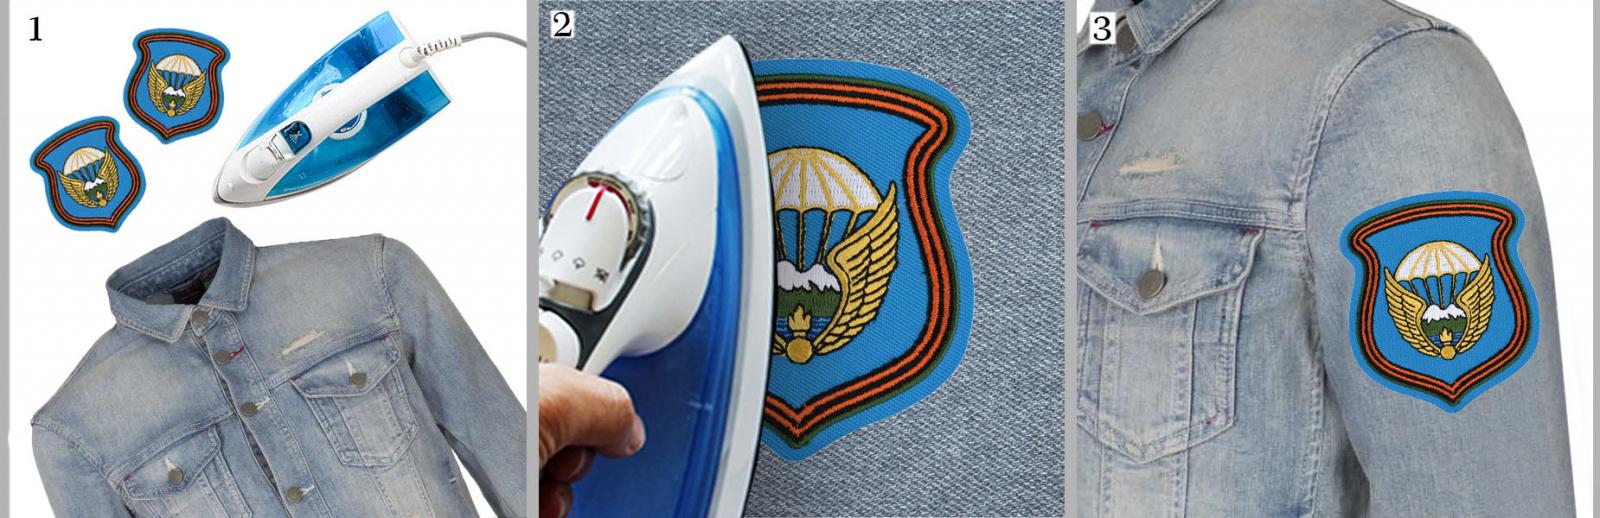 Вышитая эмблема 7 гв. ДШД на куртке